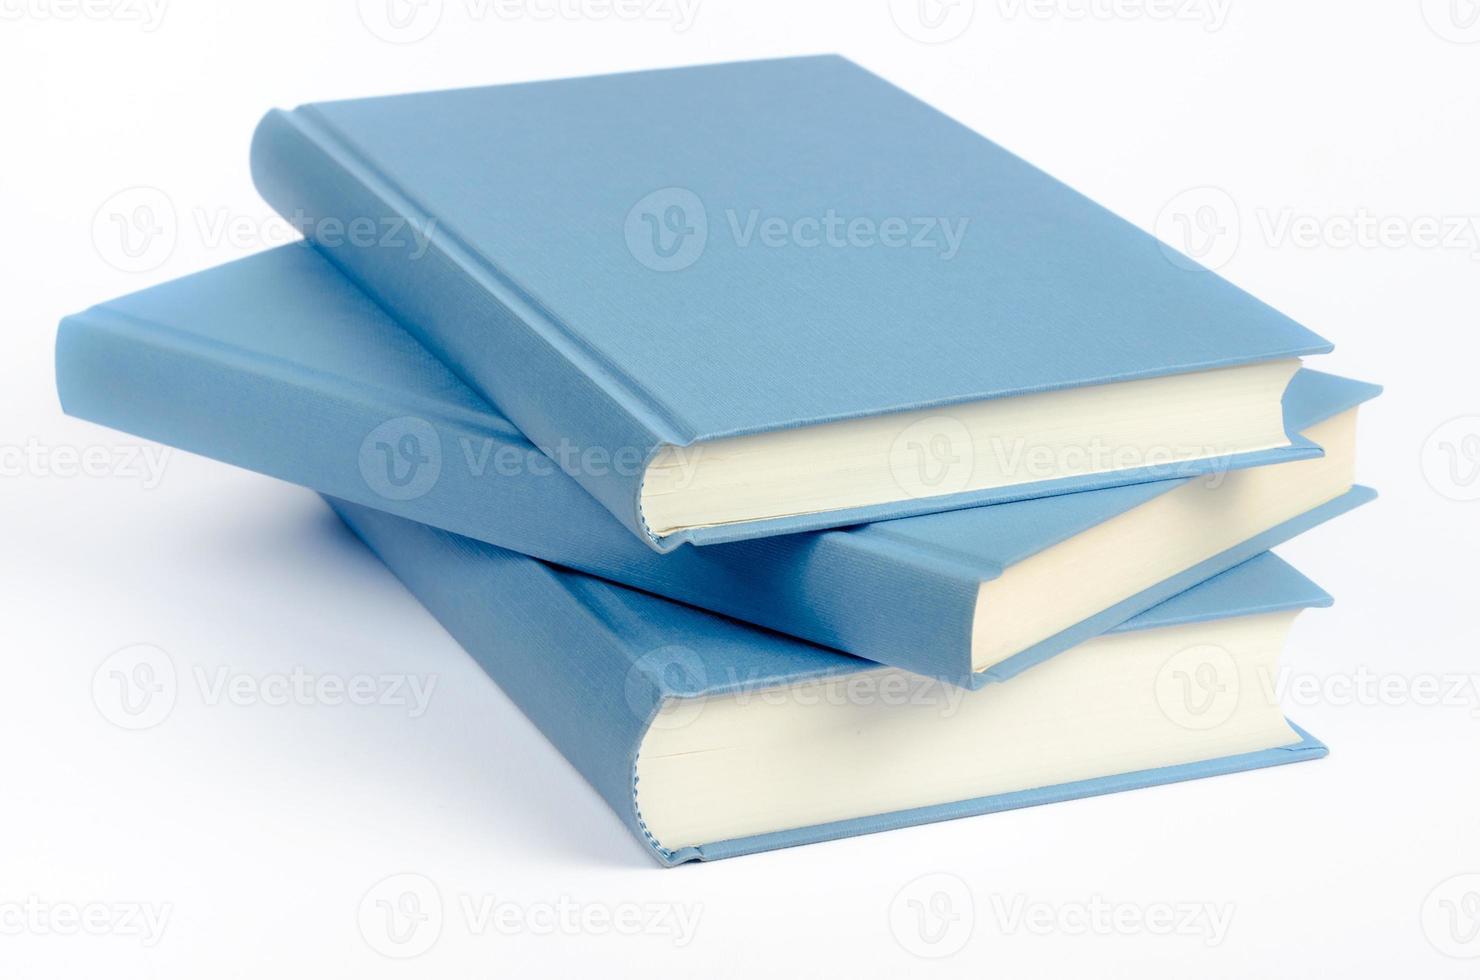 trois livres bleus sur fond blanc photo